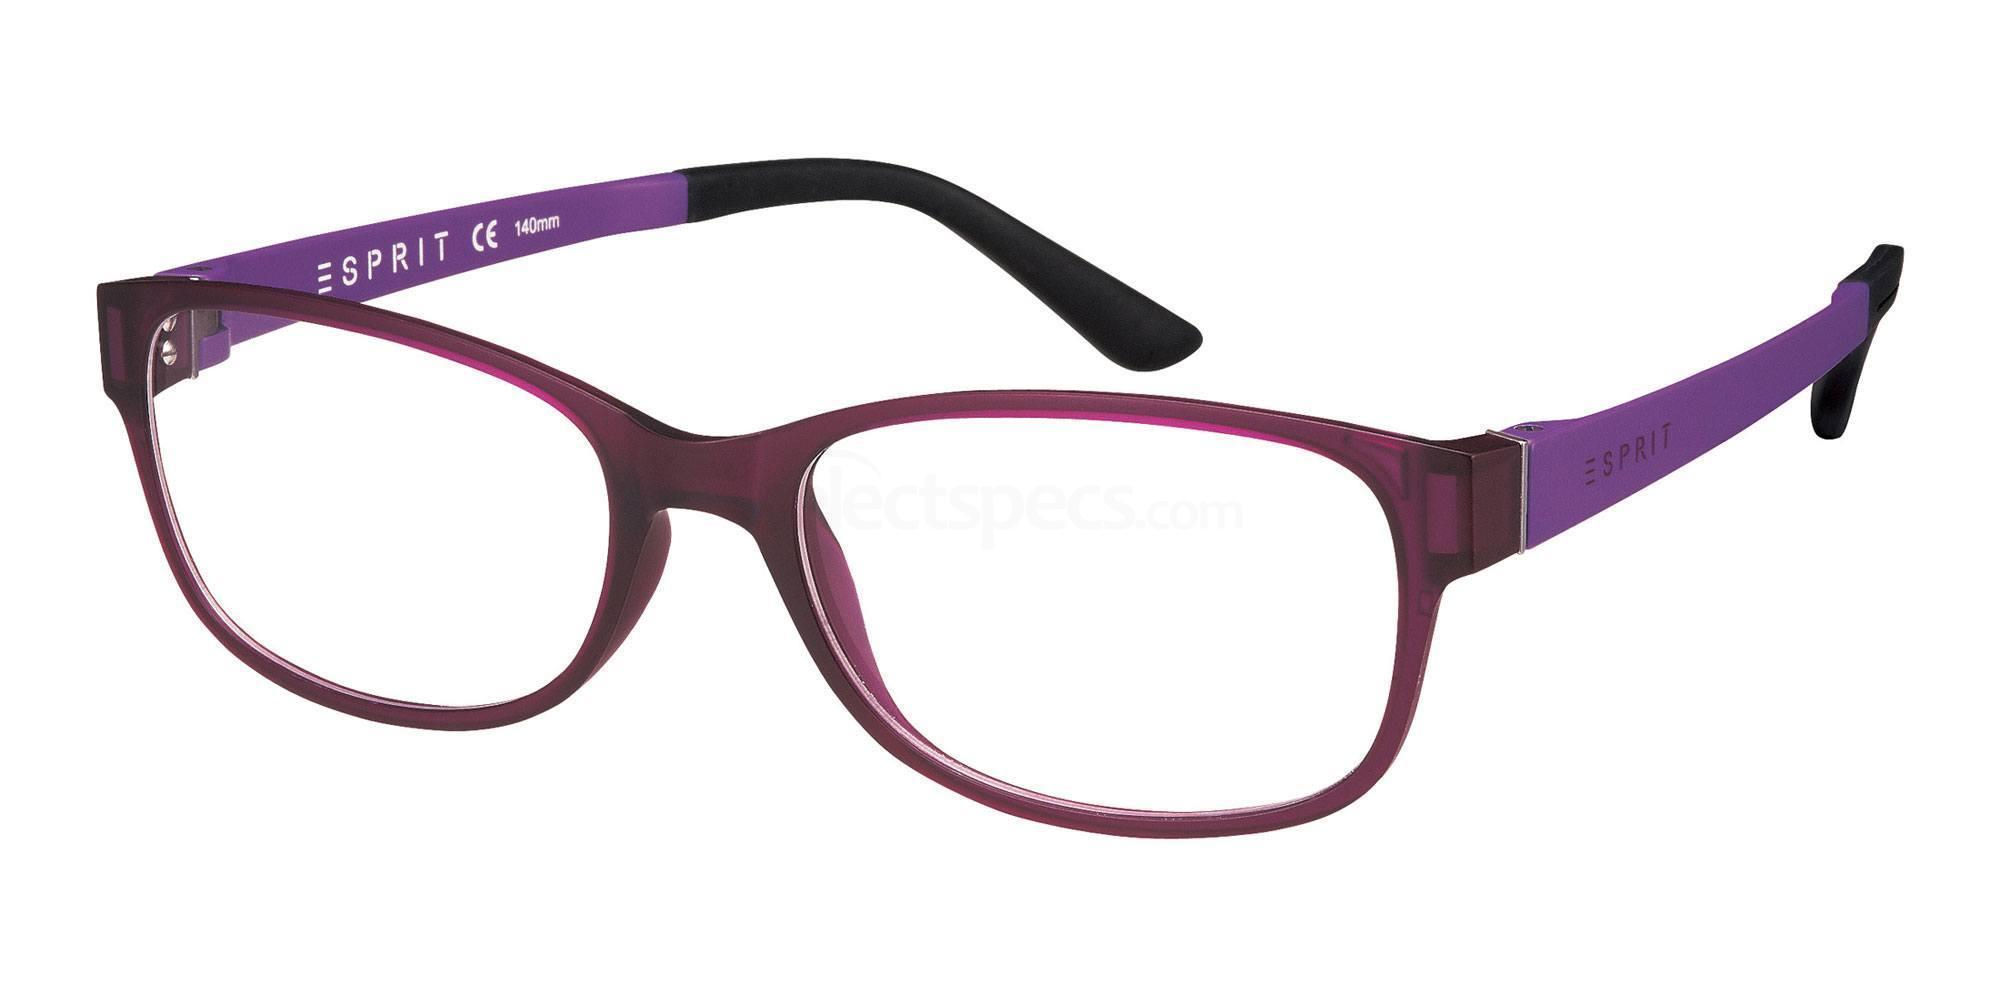 534 ET17445 Glasses, Esprit